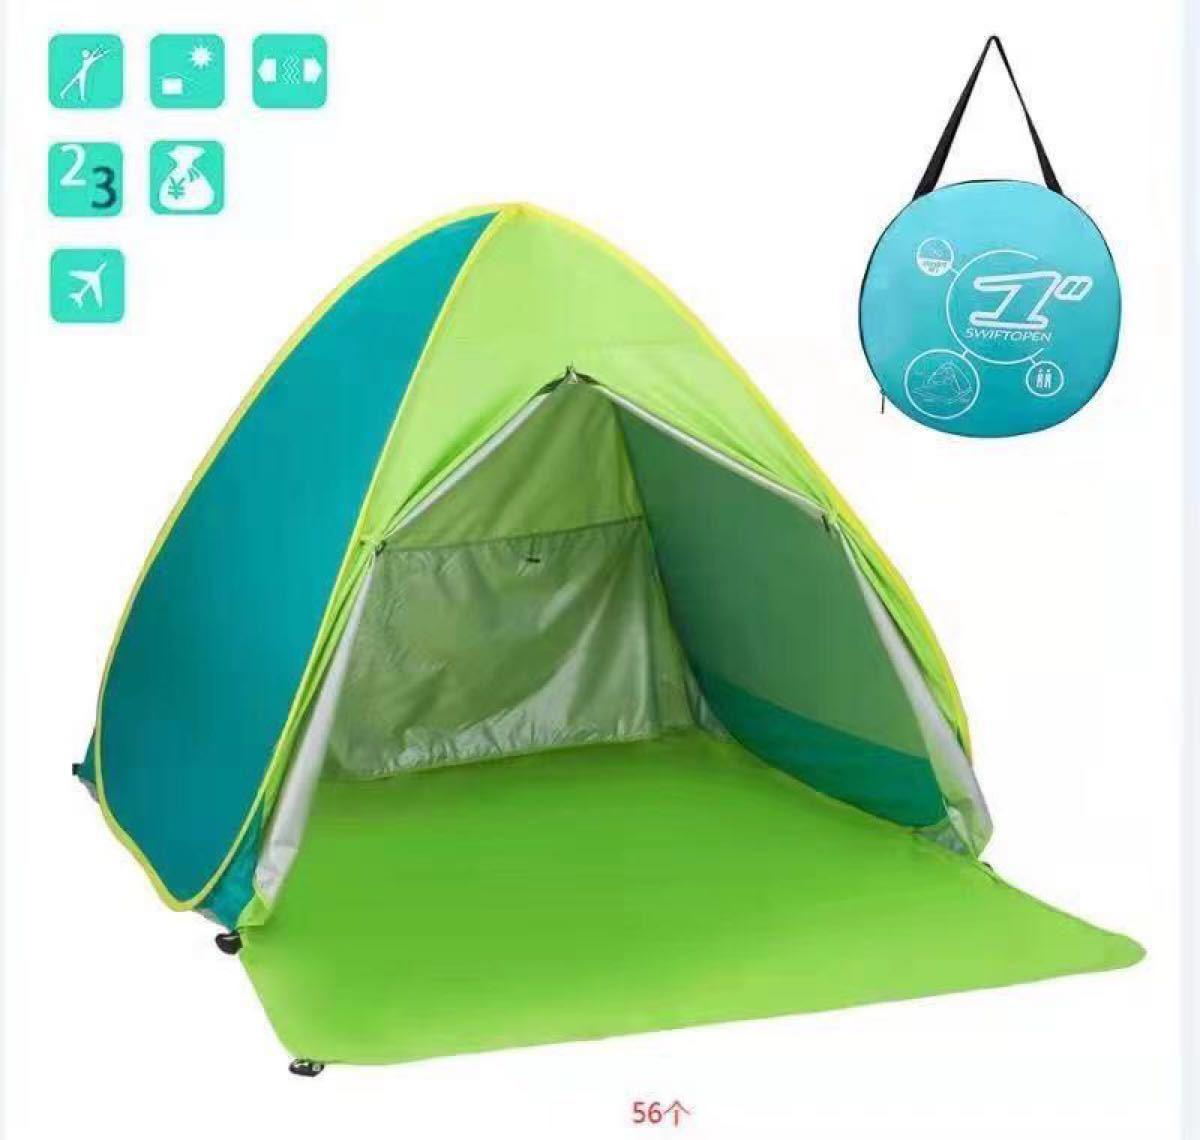 ワンタッチテント サンシェード UV50+ カーテン 2-3人 軽量 収納 防水